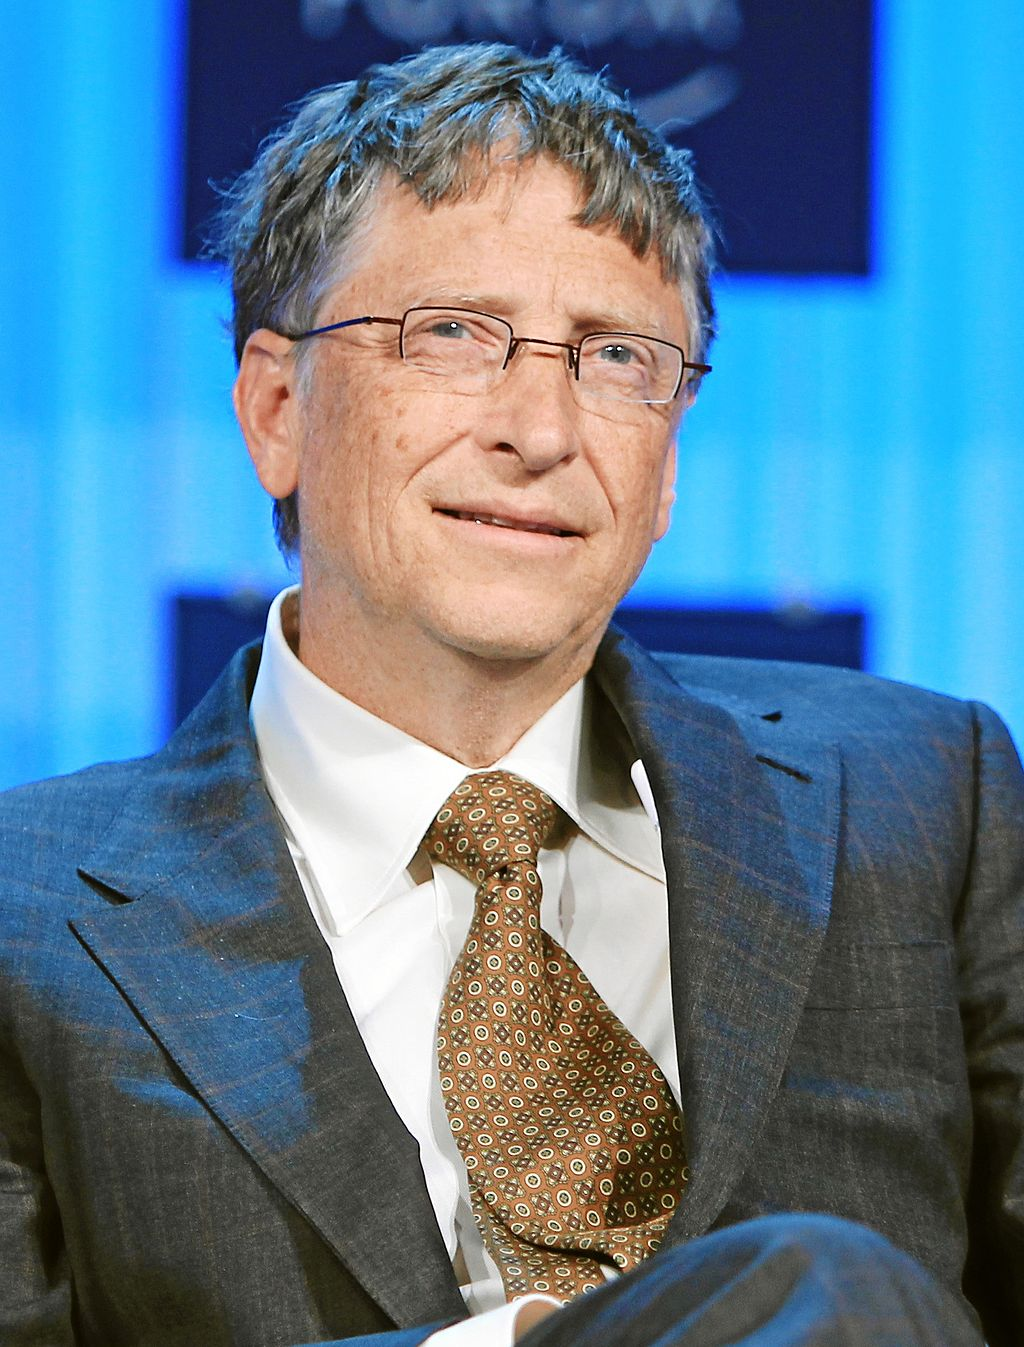 Fundação de Bill Gates processa Petrobras nos EUA